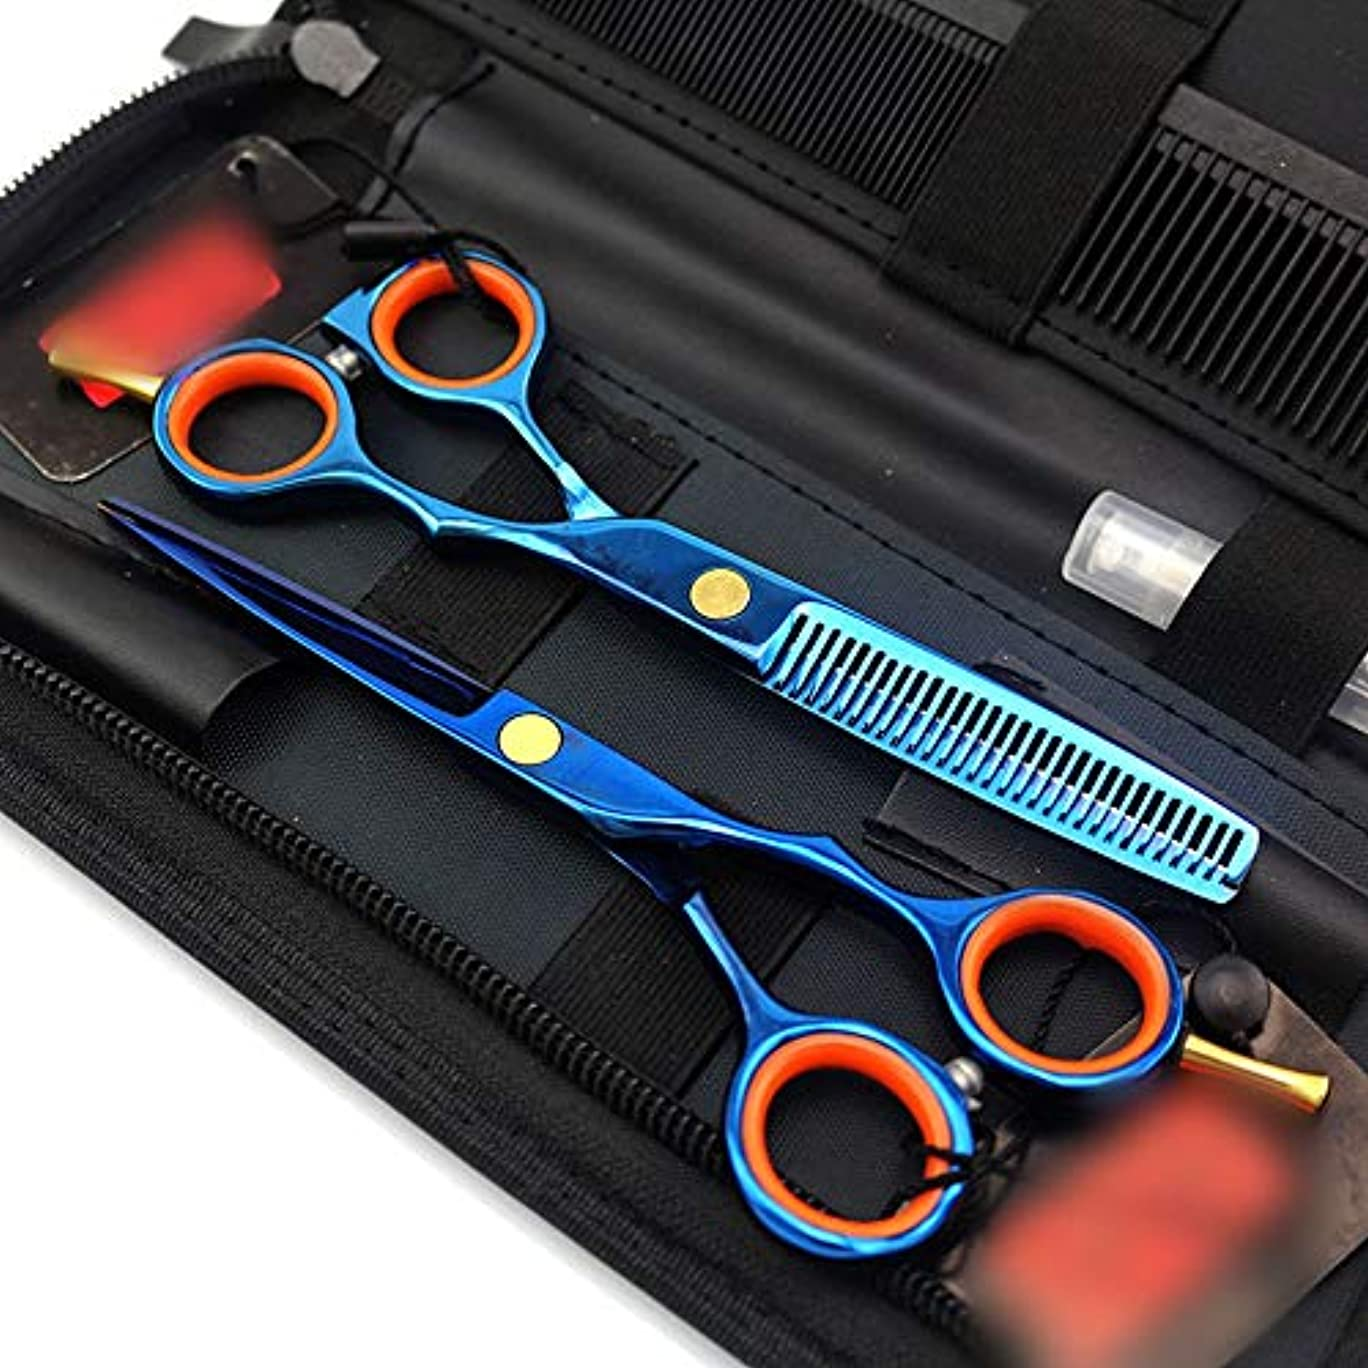 鍔決定する走る理髪用はさみ 5.5インチプロフェッショナル両面ヘアカットセット、ブルー理髪はさみセットフラットはさみ+歯はさみヘアカットはさみステンレス理髪はさみ (色 : 青)